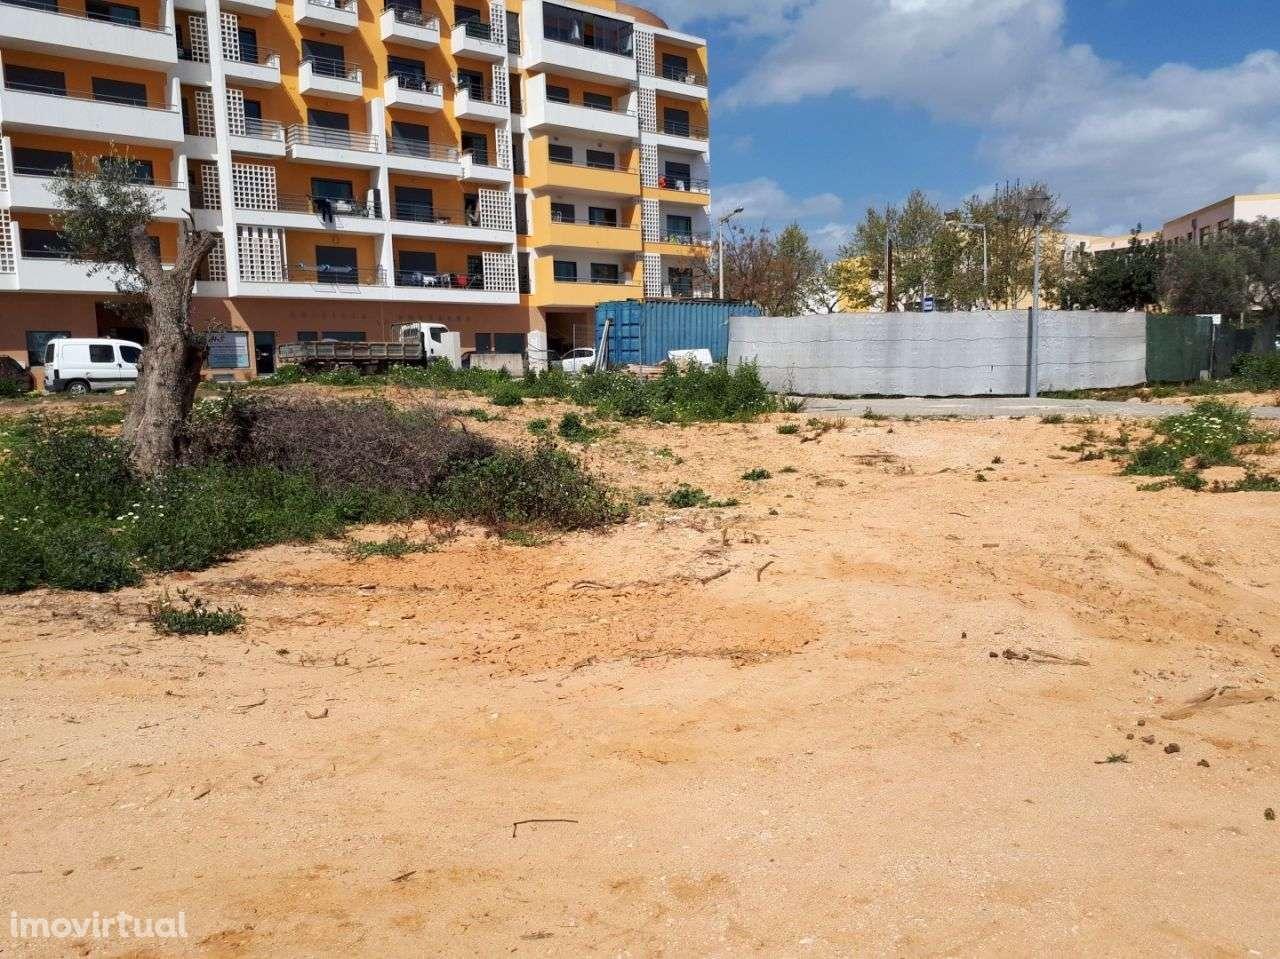 Terreno para comprar, Portimão, Faro - Foto 4